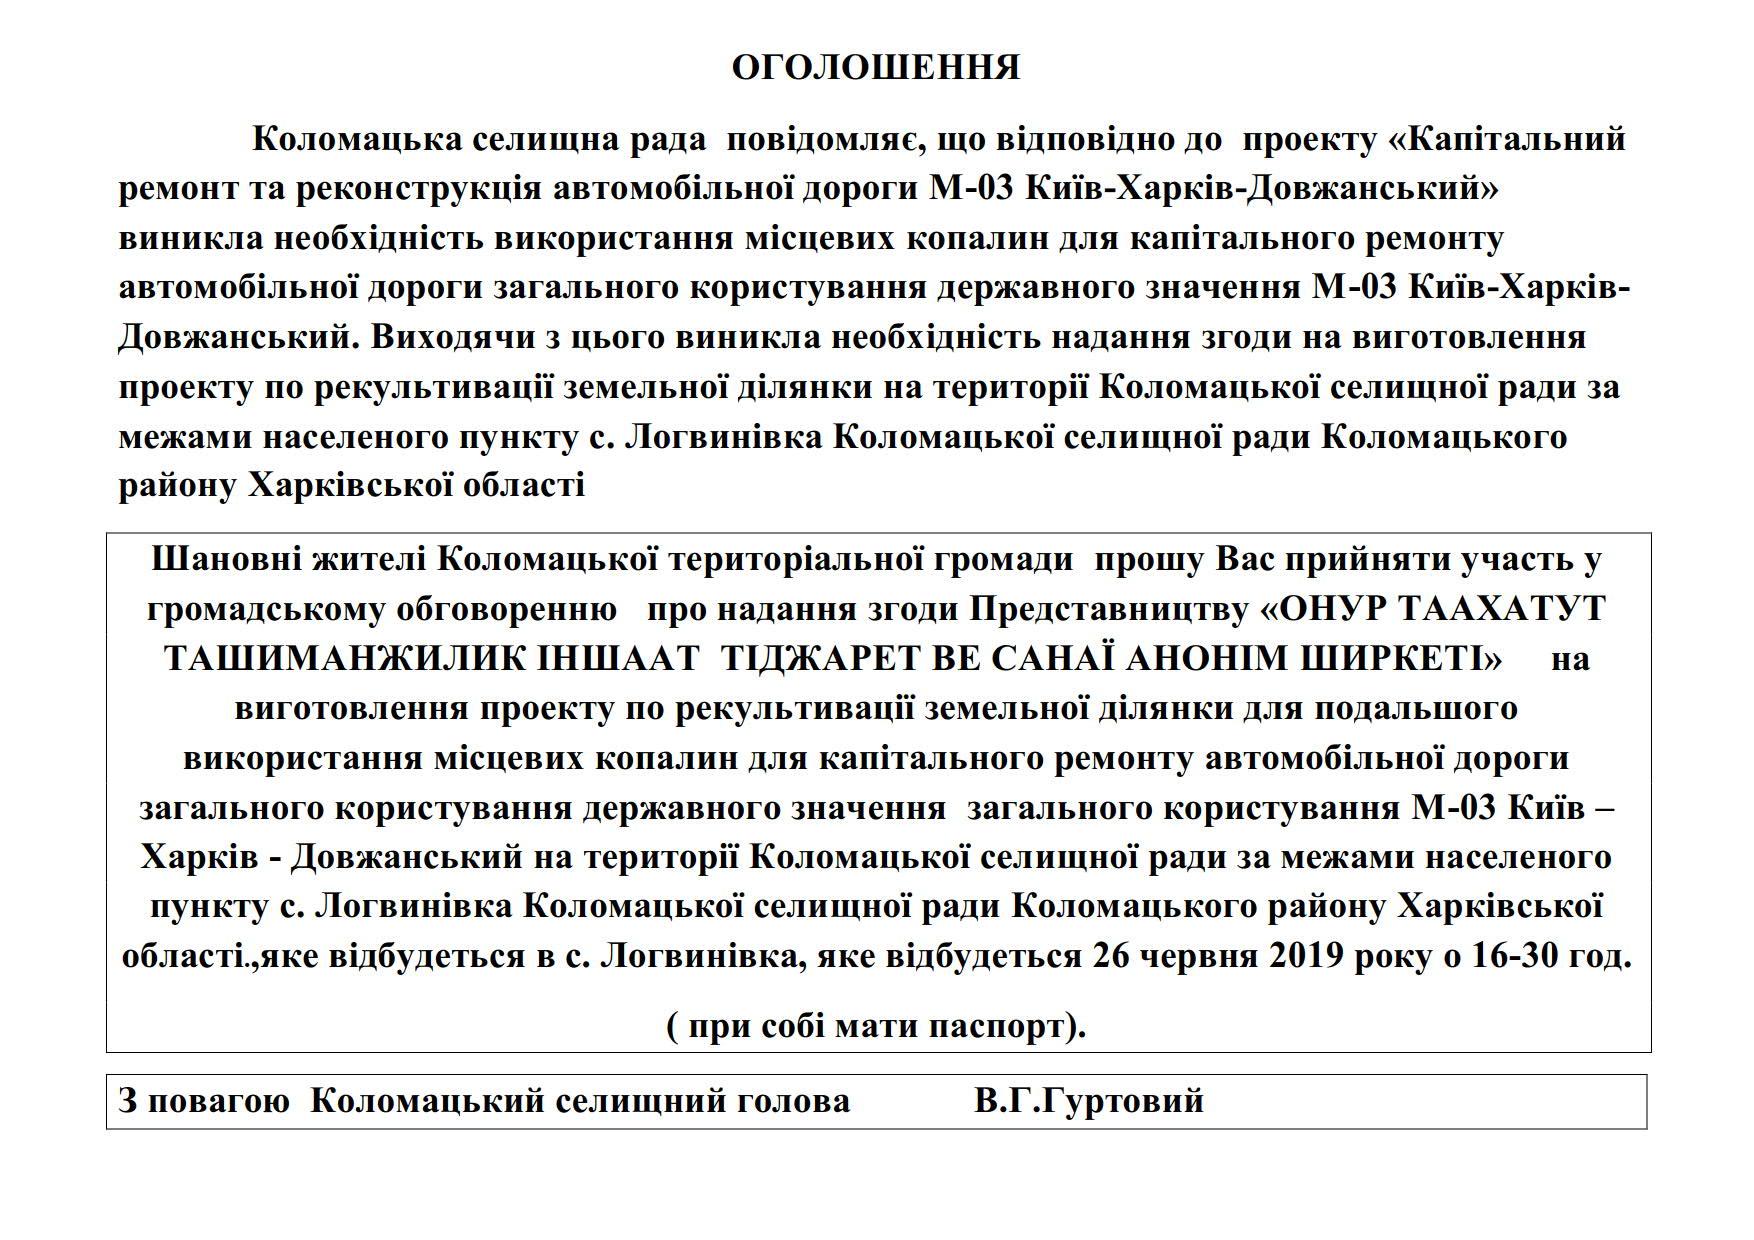 ОГОЛОШЕННЯ Логвинівка_1